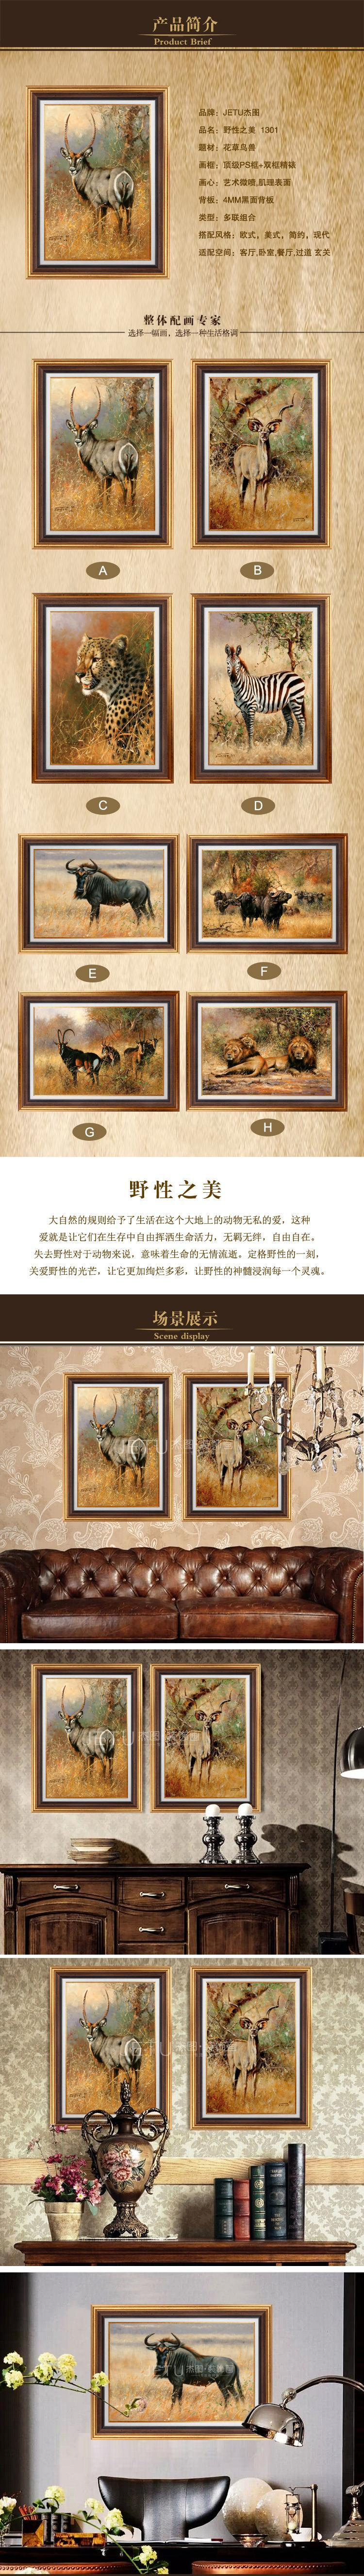 新品美式客厅现代鹿装饰画装饰画酒店走廊墙画欧式